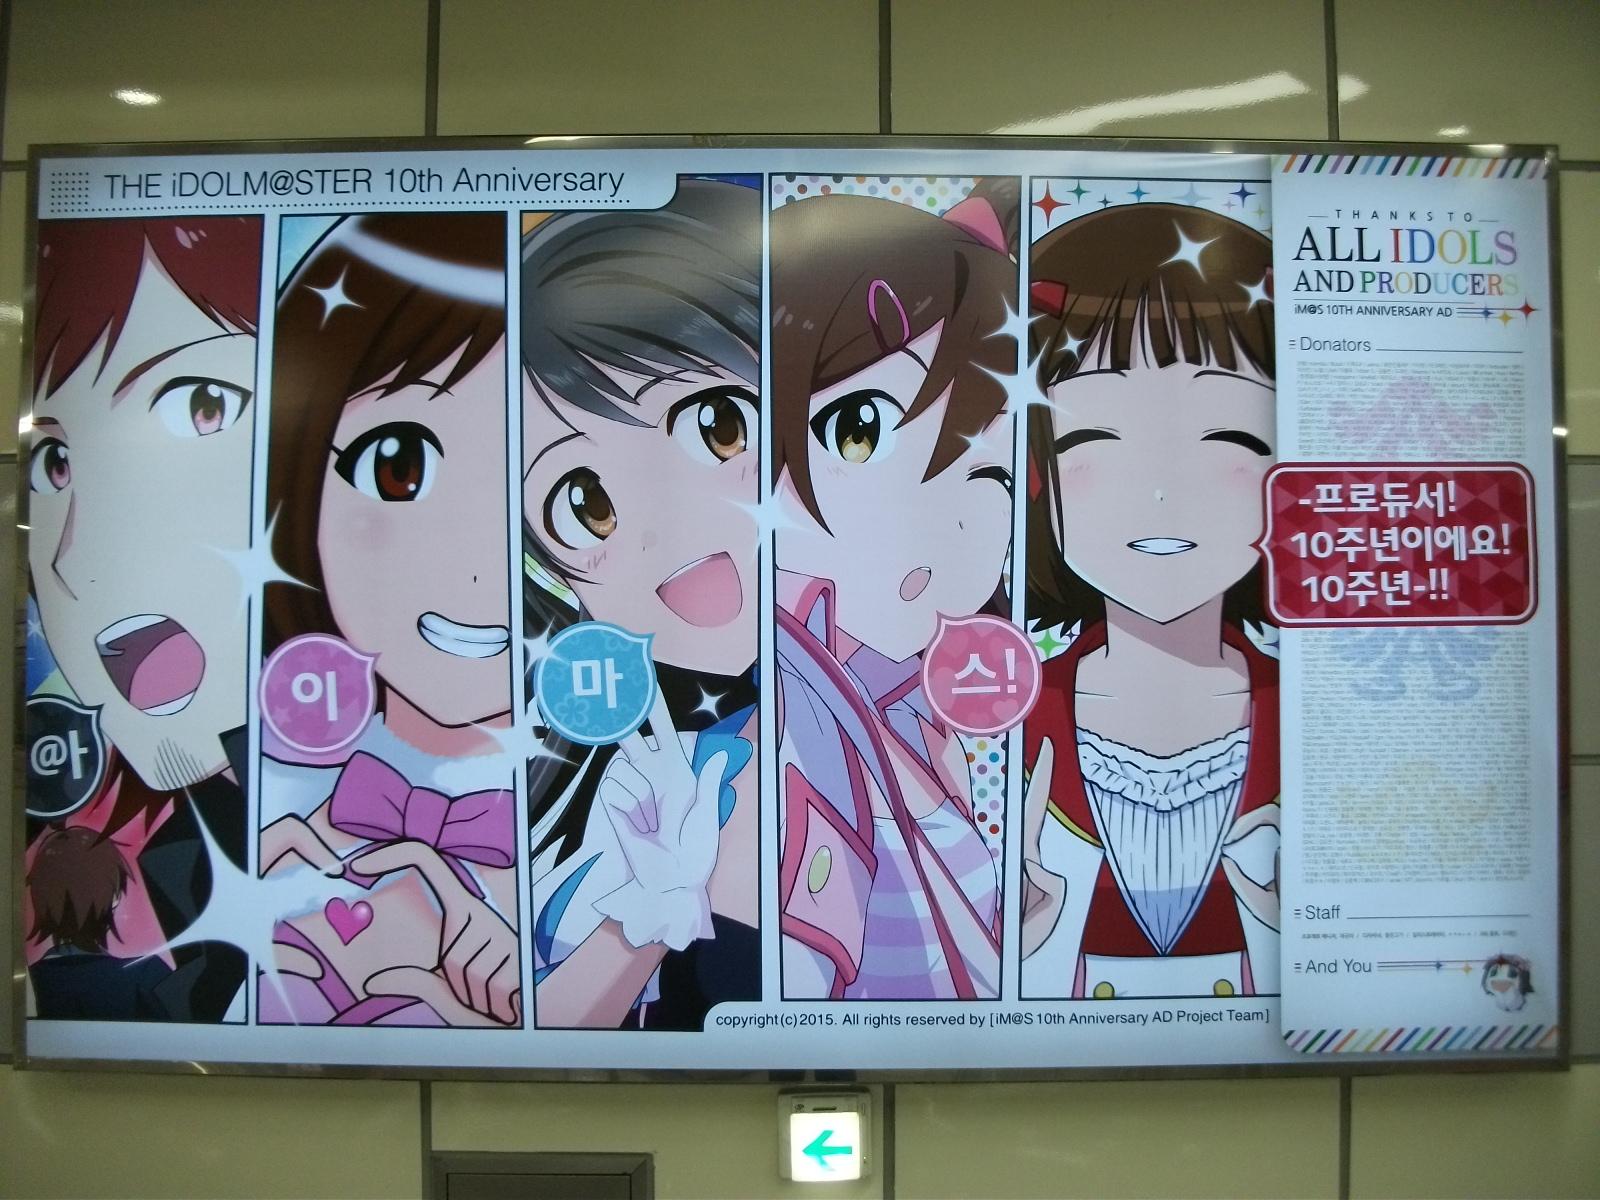 반월당역의 아이돌마스터 10주년 기념 광고판